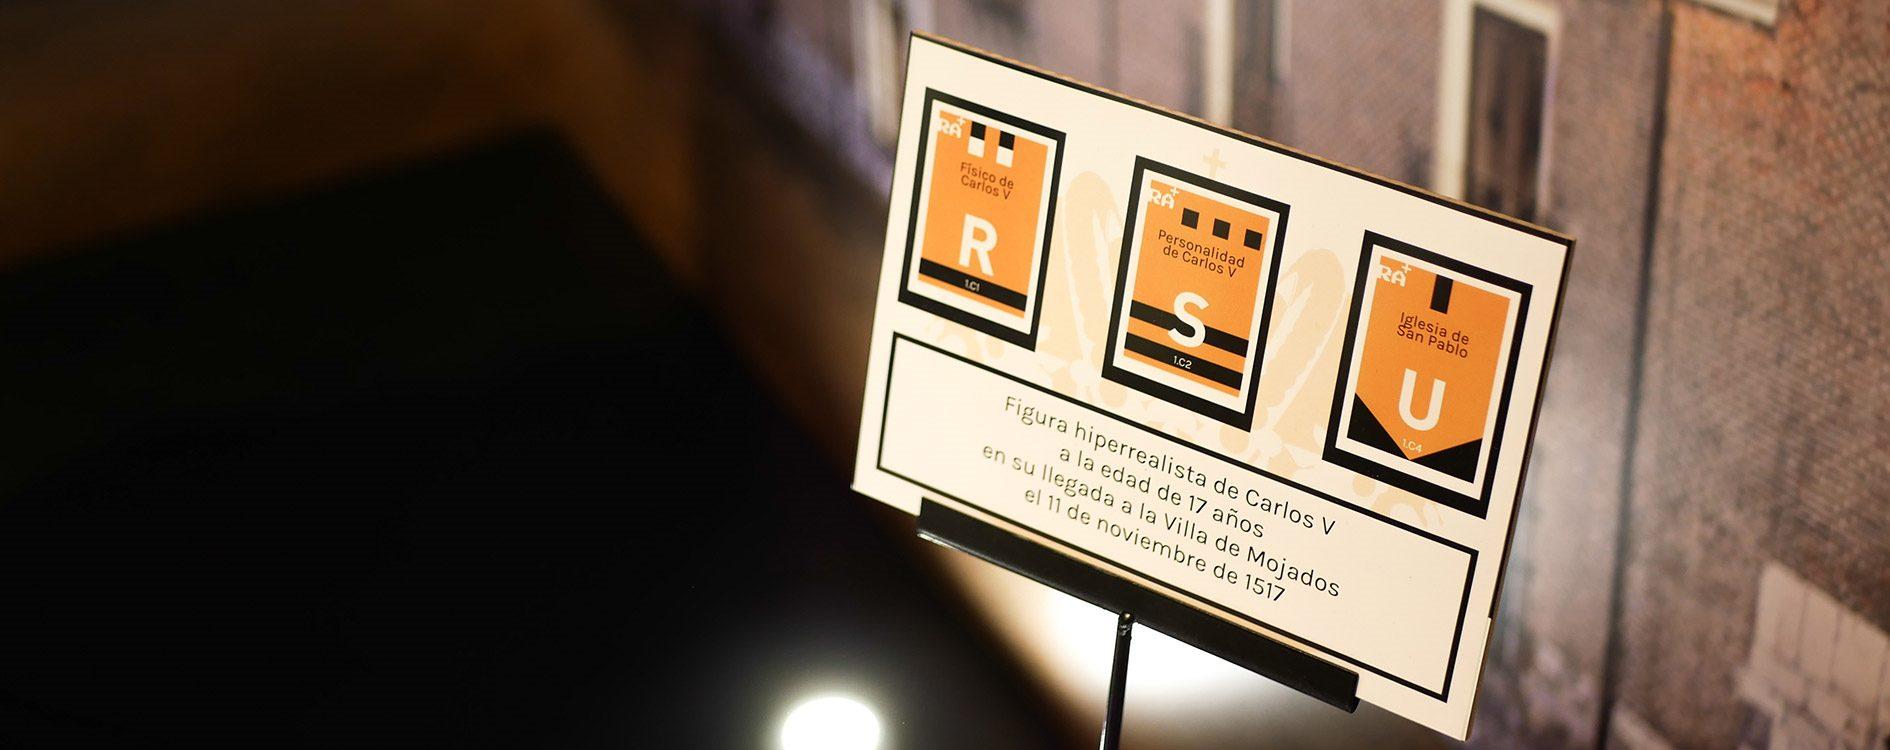 OHVisual - APPS And Mobile - Audiovisuales Museo Carlos V - Ayuntamiento de Mojados